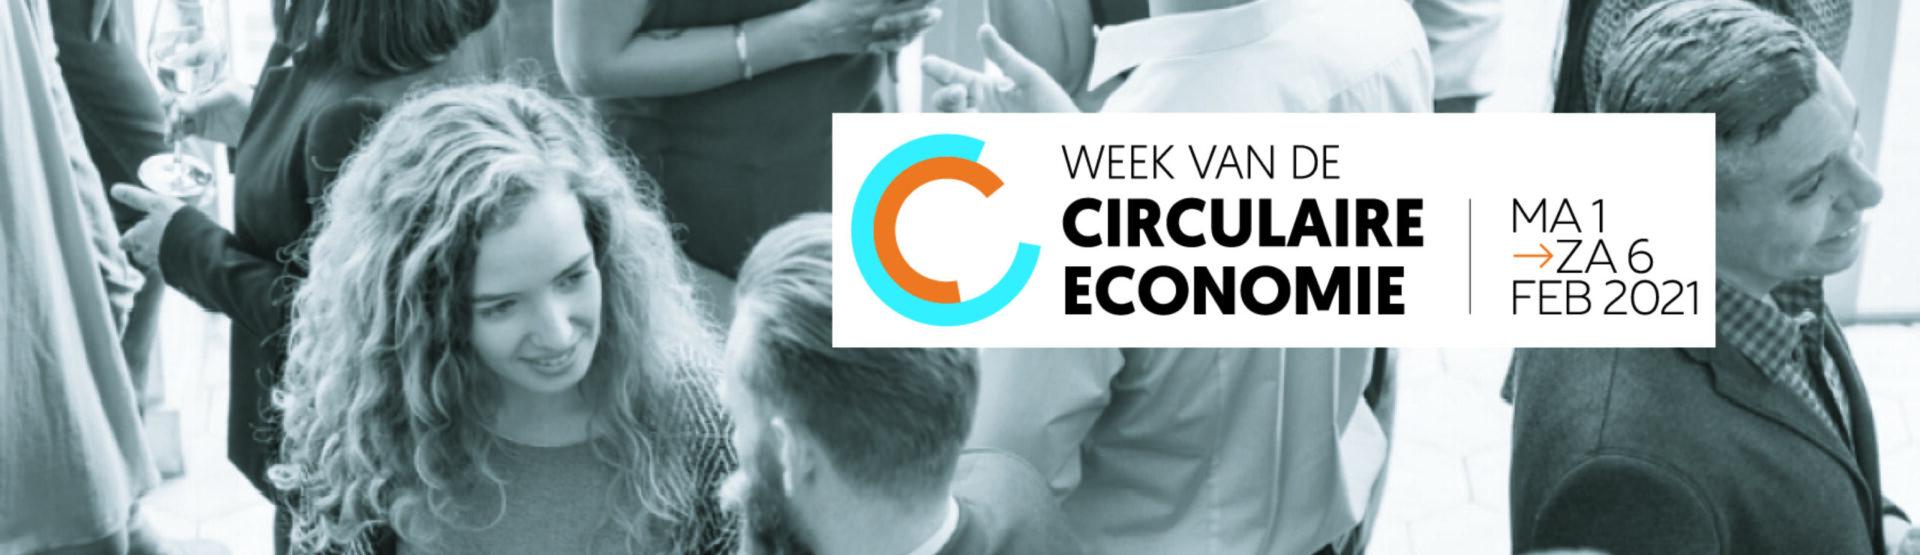 Het is de week van de circulaire economie